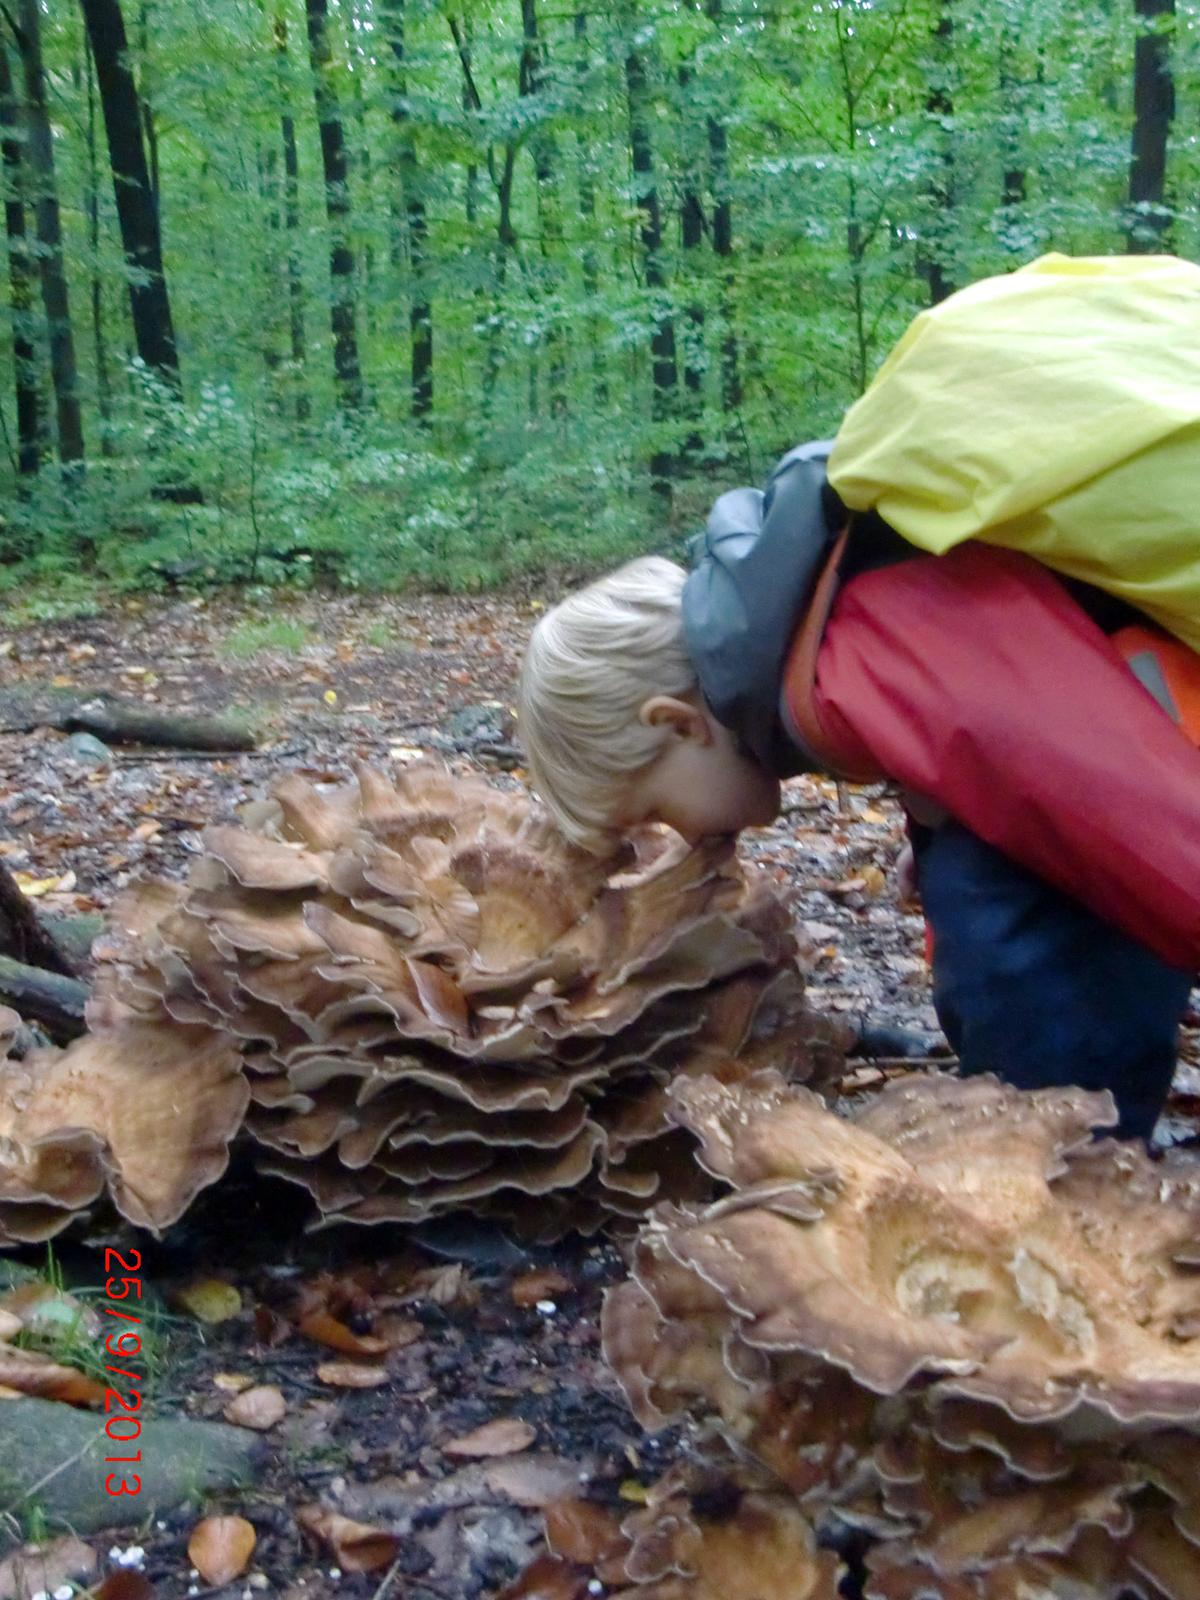 waldkindergarten-dresden-pilze